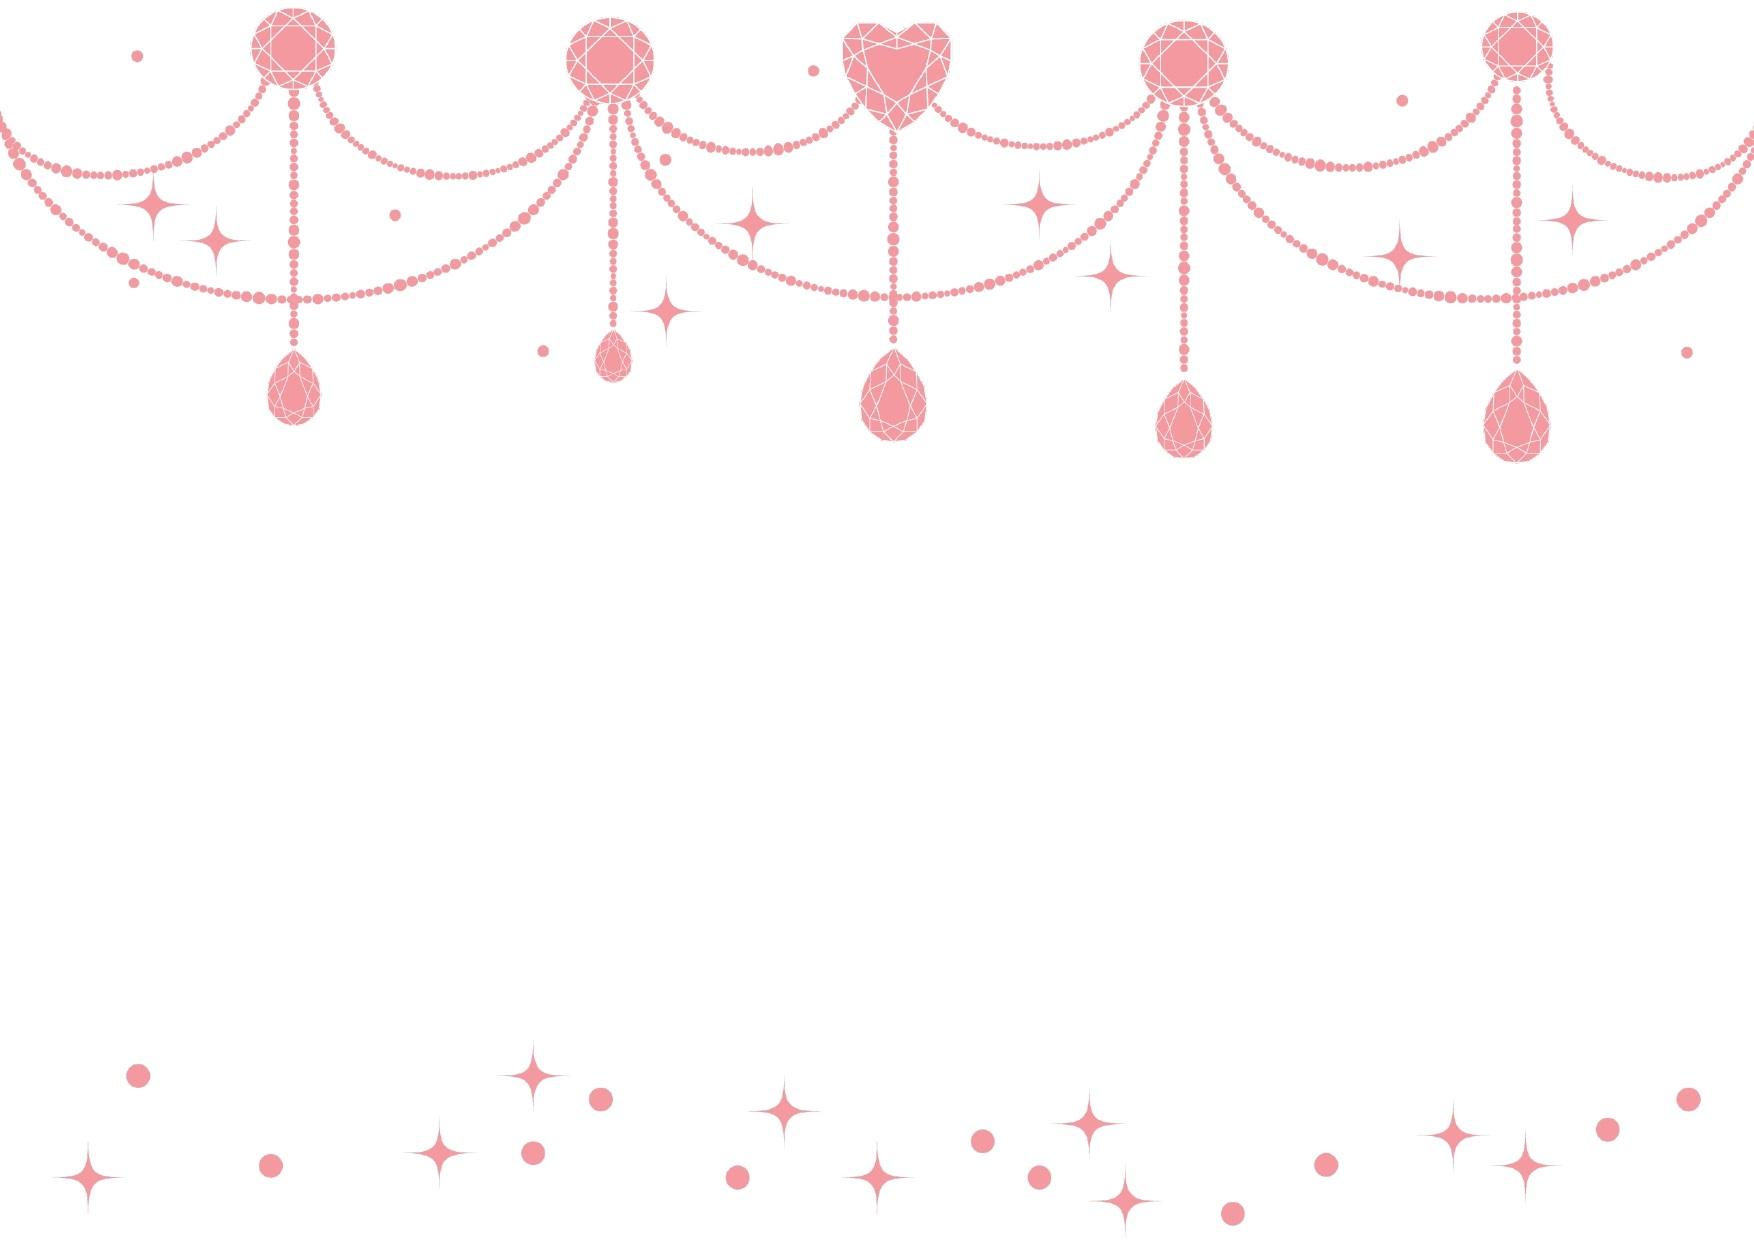 背景が白色とピンクのジュエル「宝石」のキラキラ!フレーム